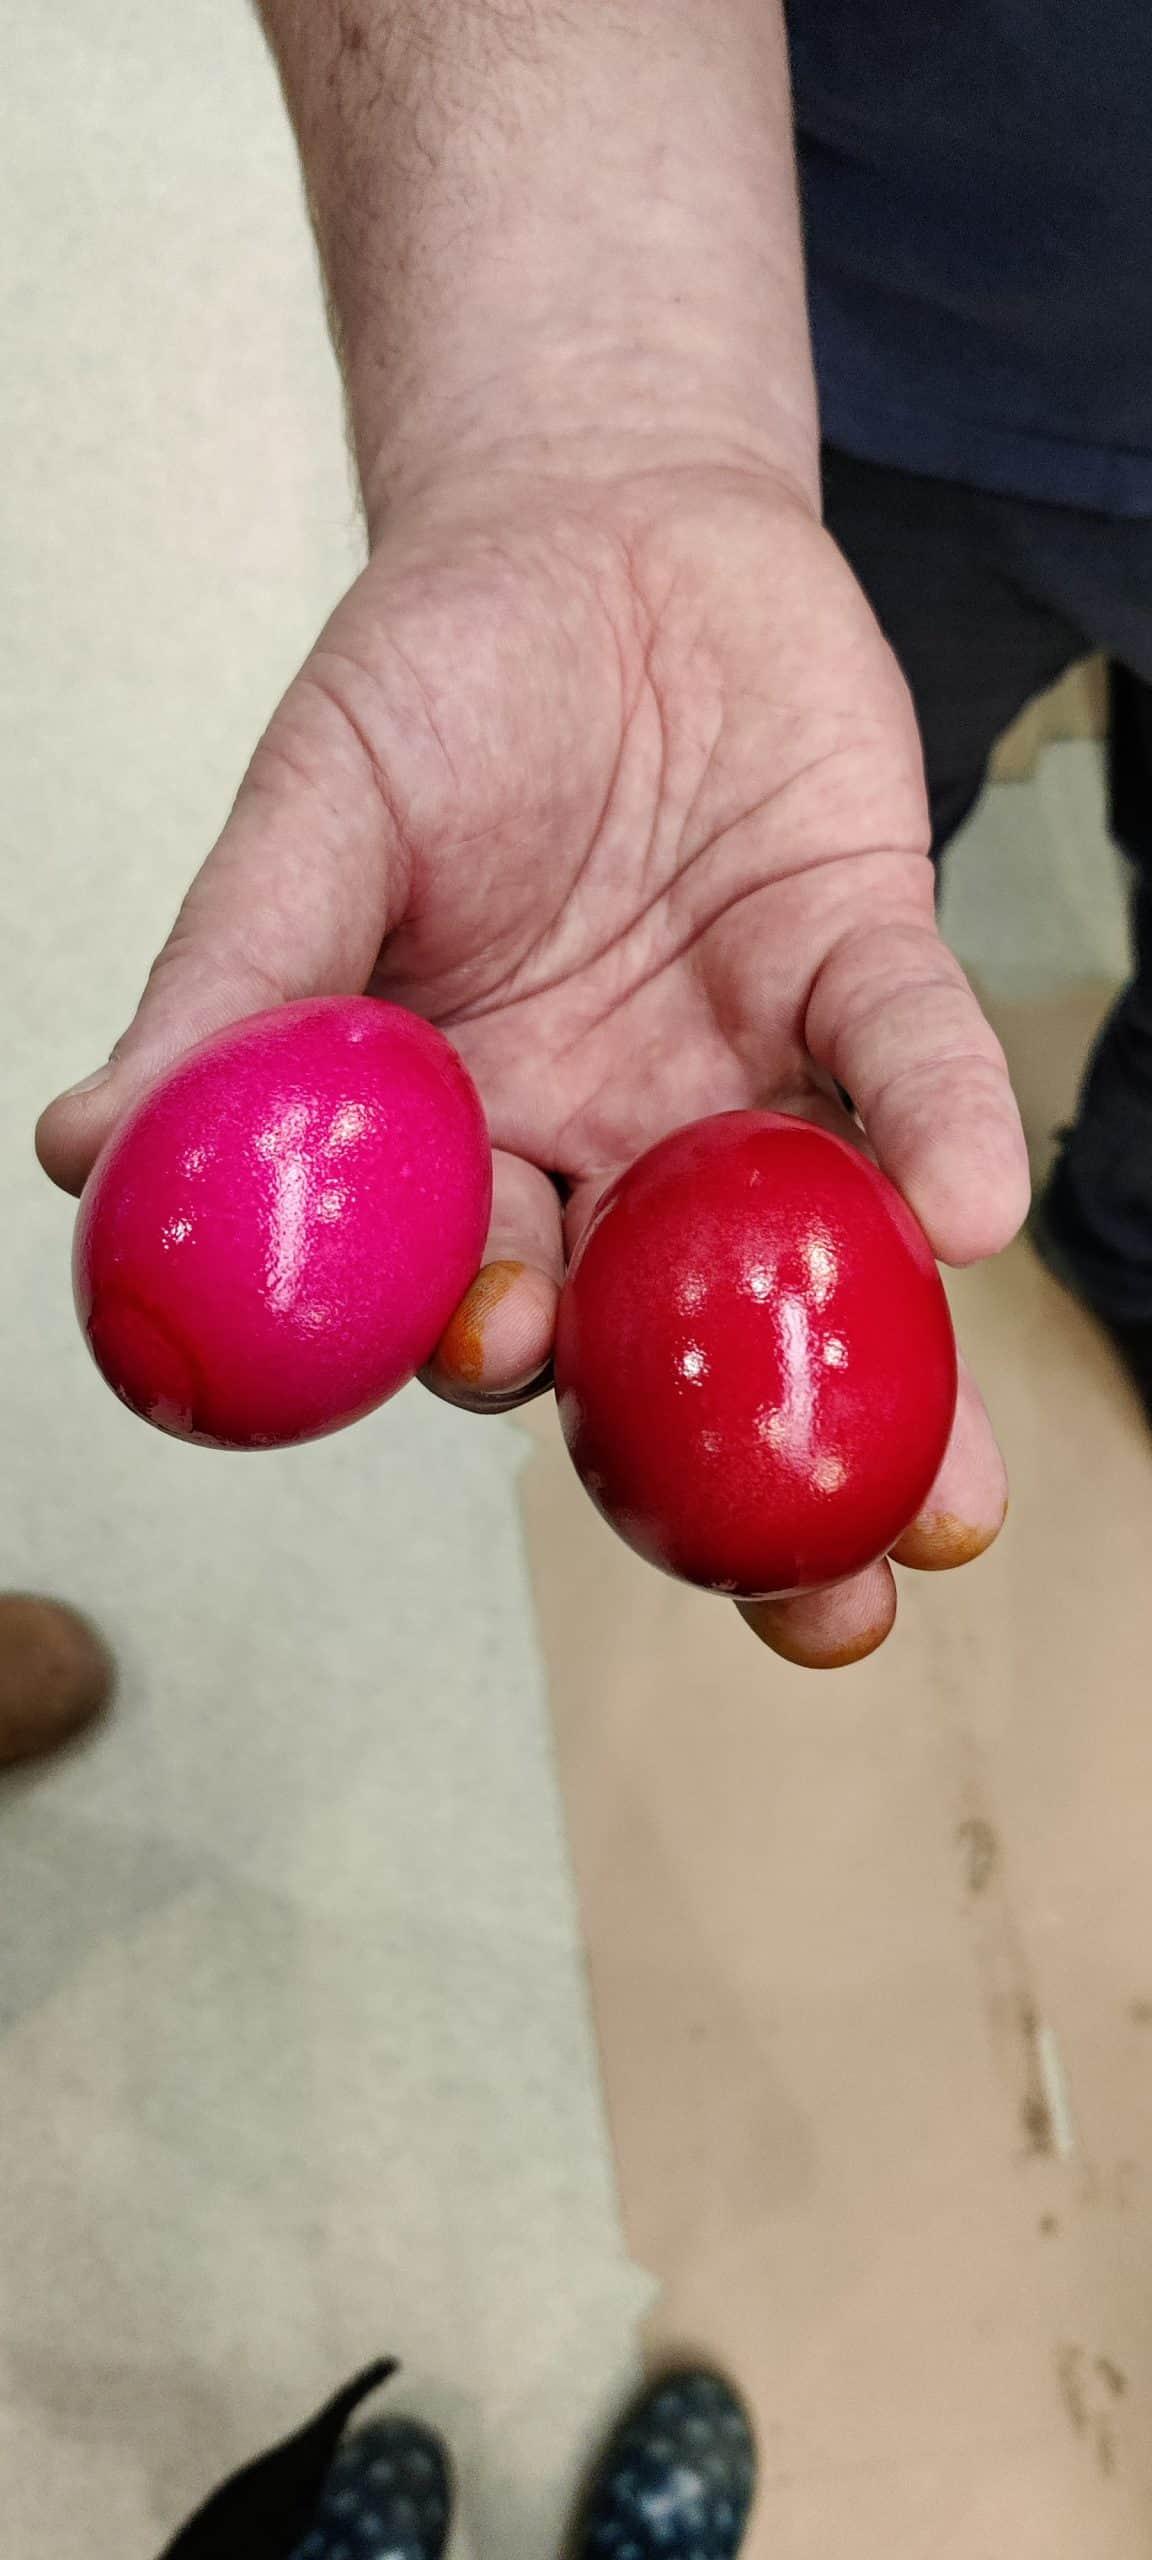 Gleich Farbe mit einem weißen und einem braunen Ei